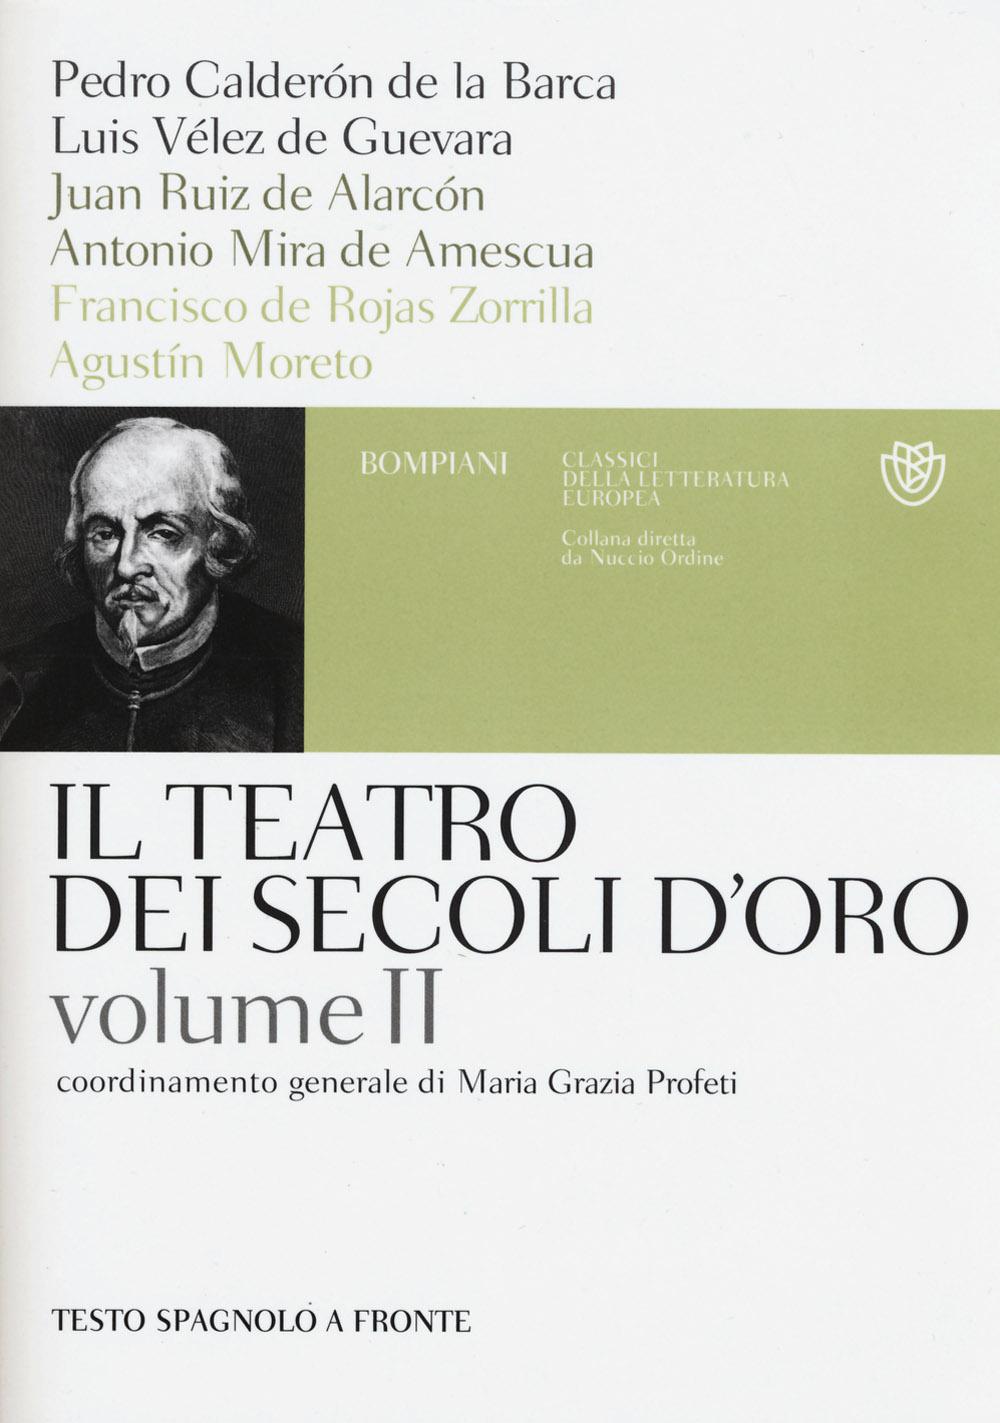 Il teatro dei secoli d'oro. Testo spagnolo a fronte